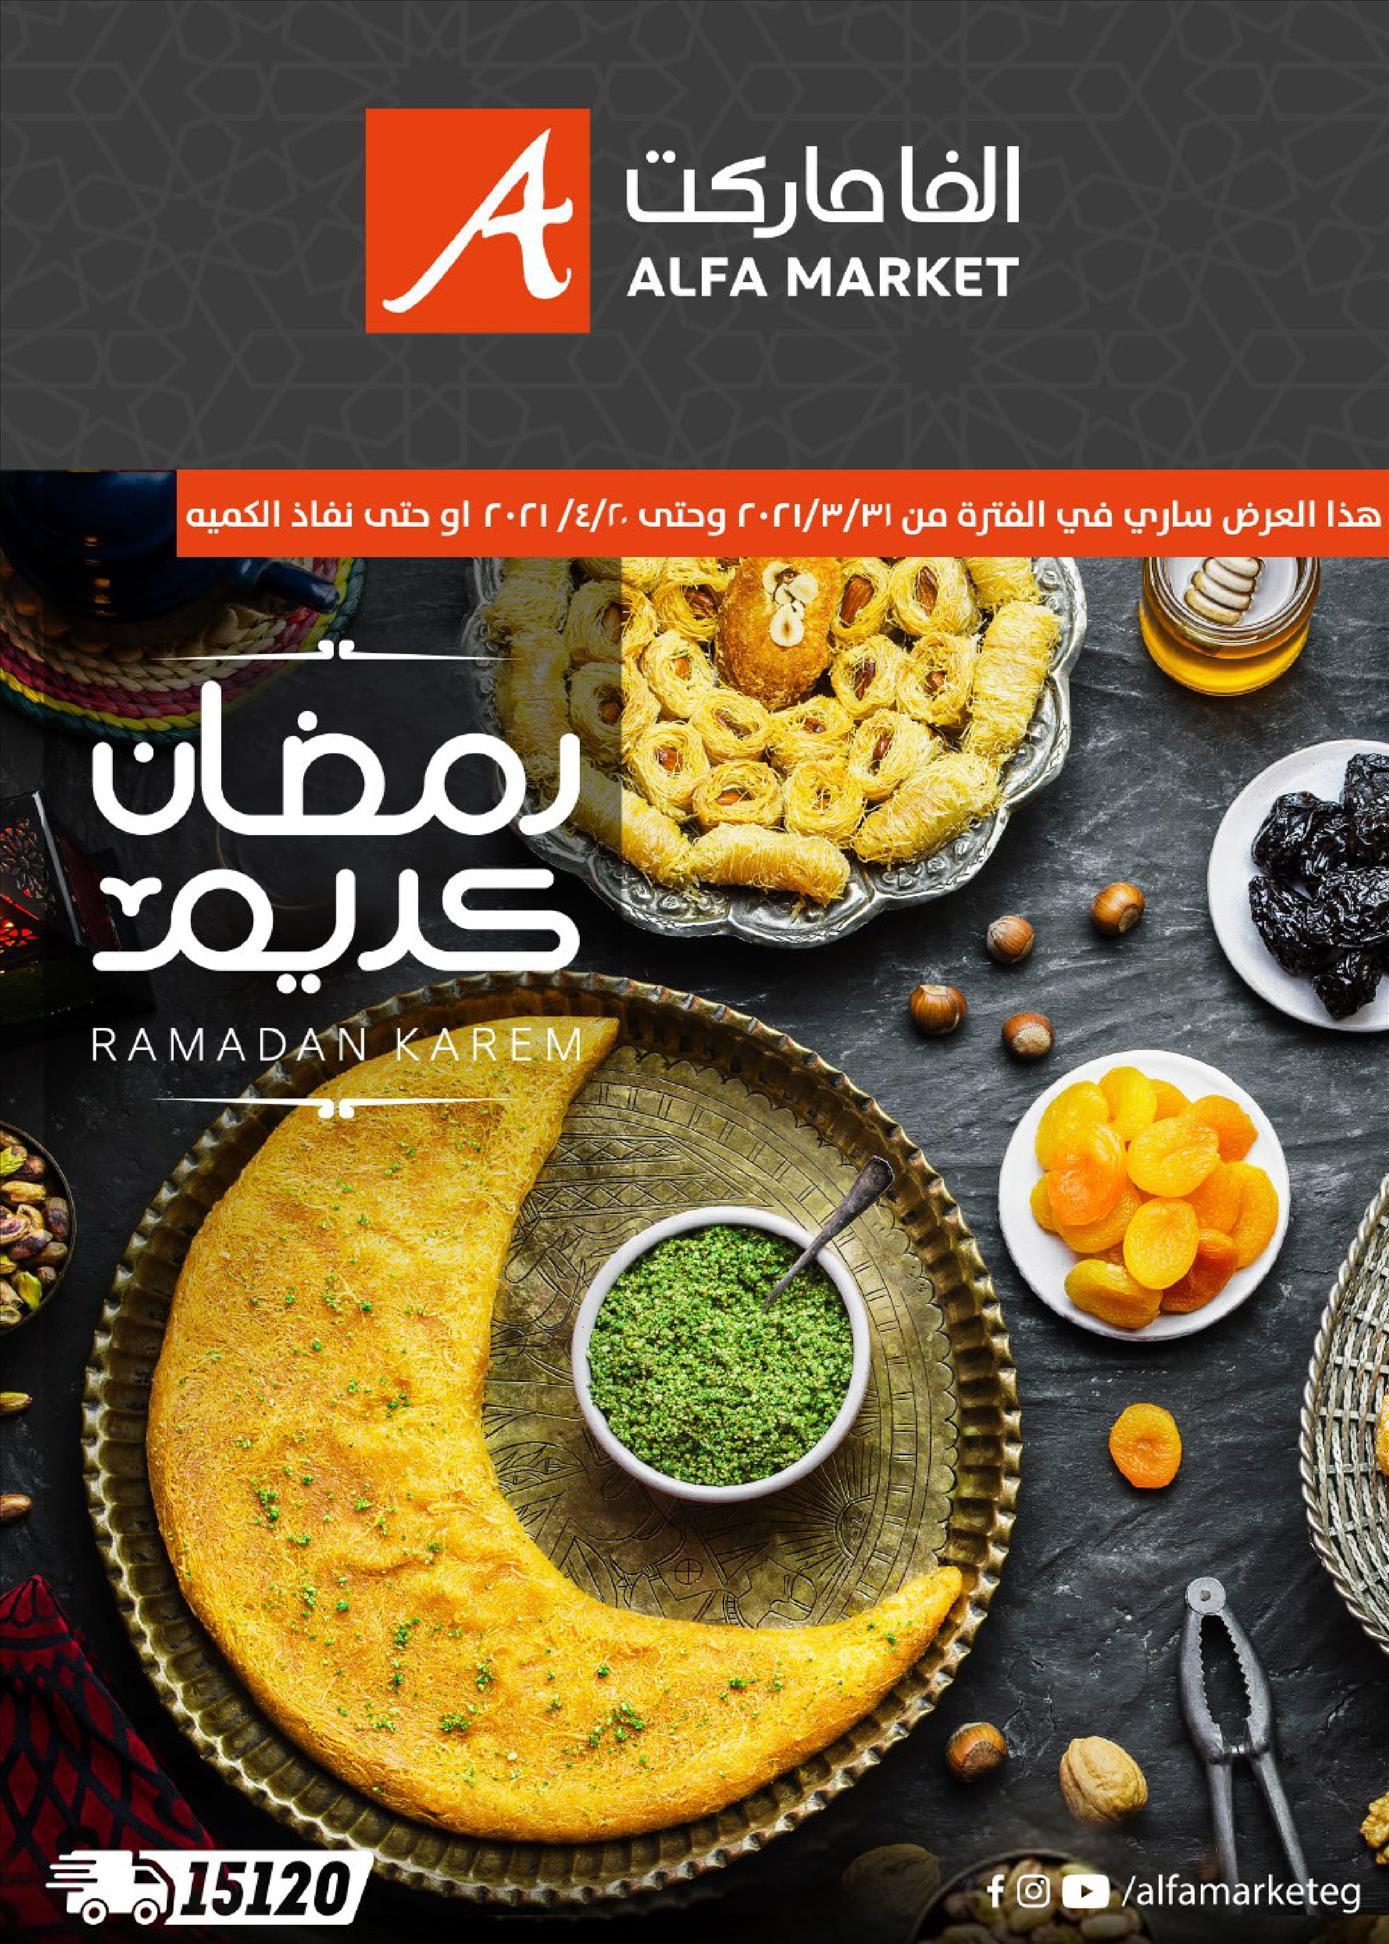 عروض الفا ماركت مجلة عروض رمضان خلال الفتره 1 أبريل حتى 20 أبريل - 60 صوره